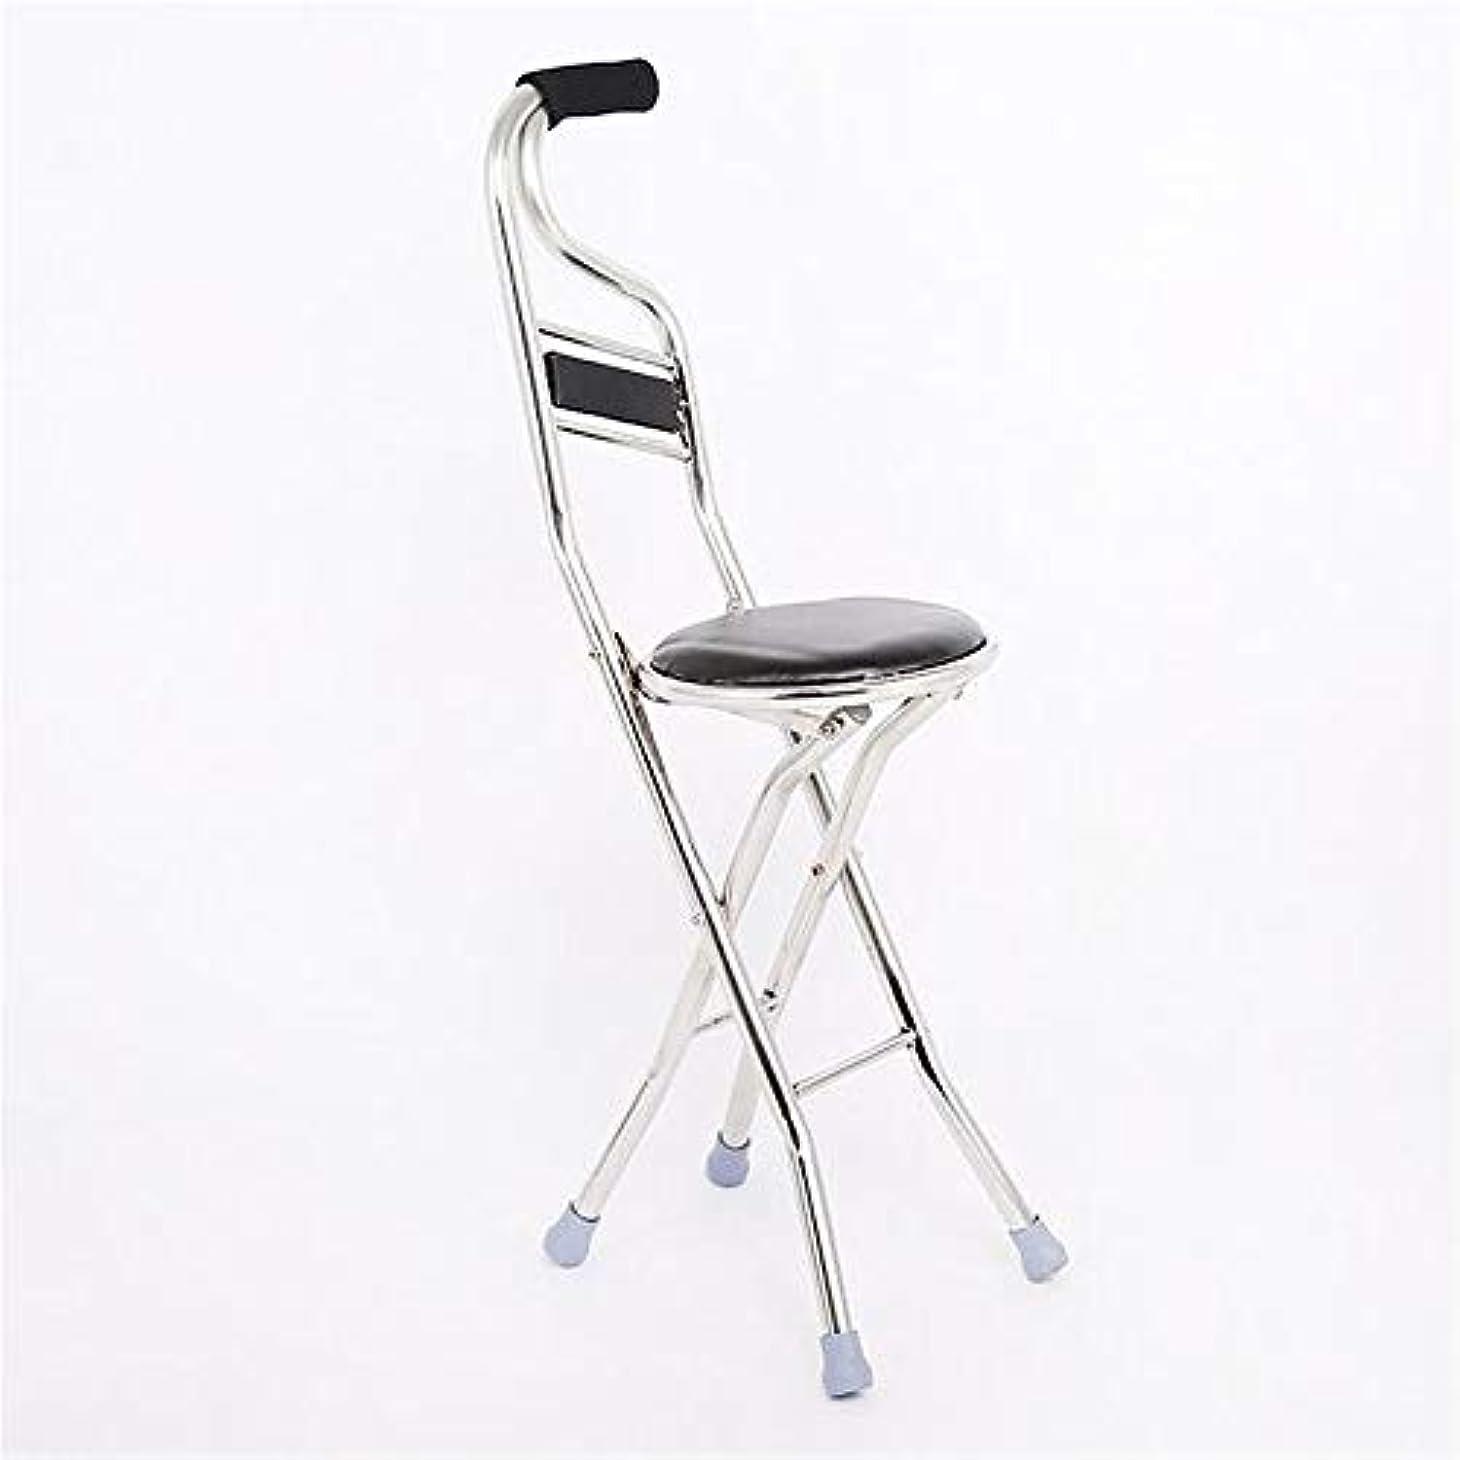 高価な傾向がある目的高齢者介護用ステッキスティック2脚4脚折りたたみ屋外折りたたみステッキ折りたたみ椅子用シートステンレス鋼カジュアルエルダーケーンステンレス鋼折りたたみ椅子スティック松葉杖キャンプポータブル